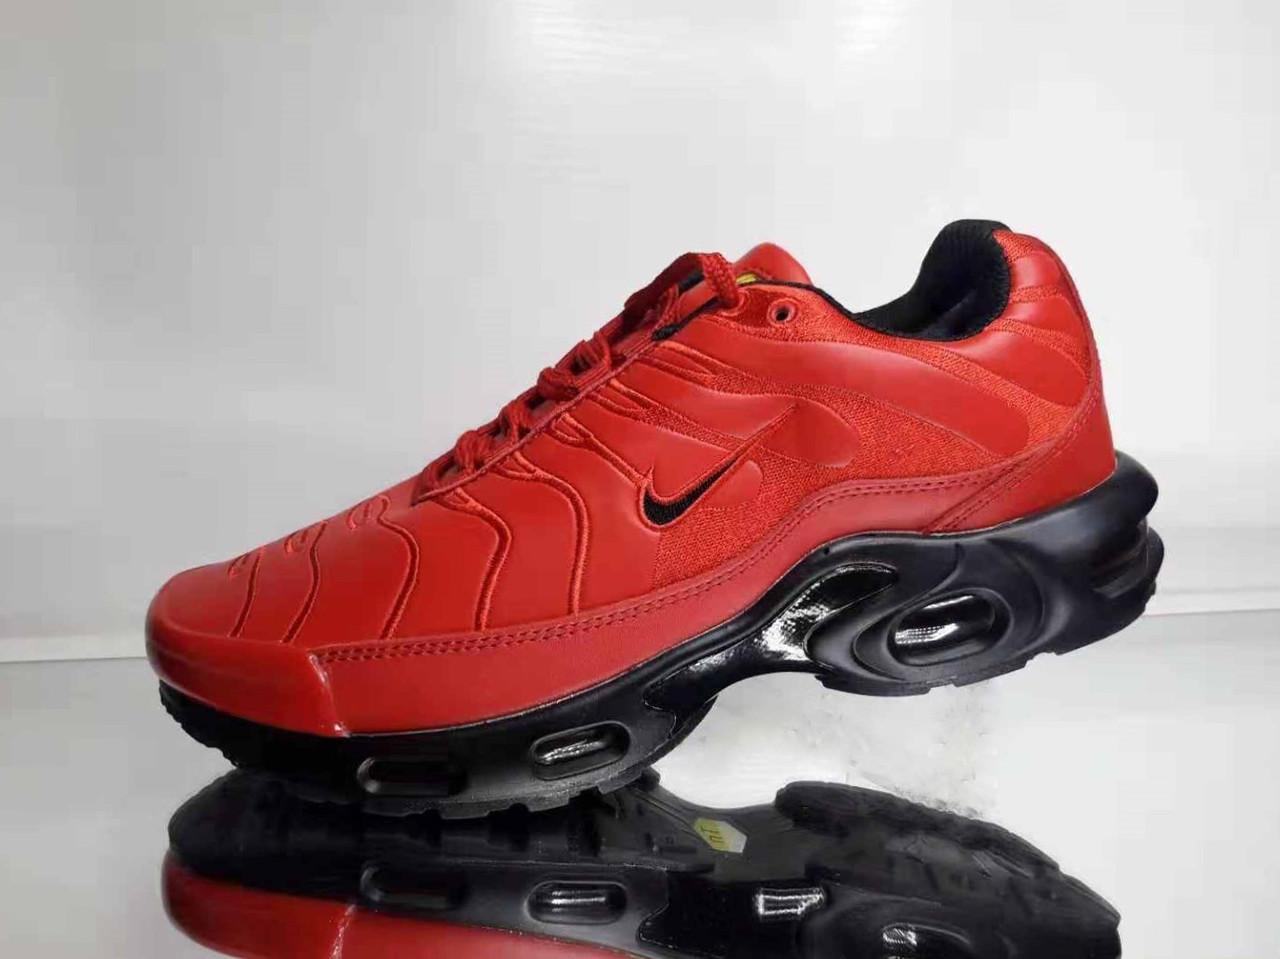 Зимові Кросівки Nike Air Max TN Ultra Tuned Червоні (Репліка) — в ... 6508210028f85